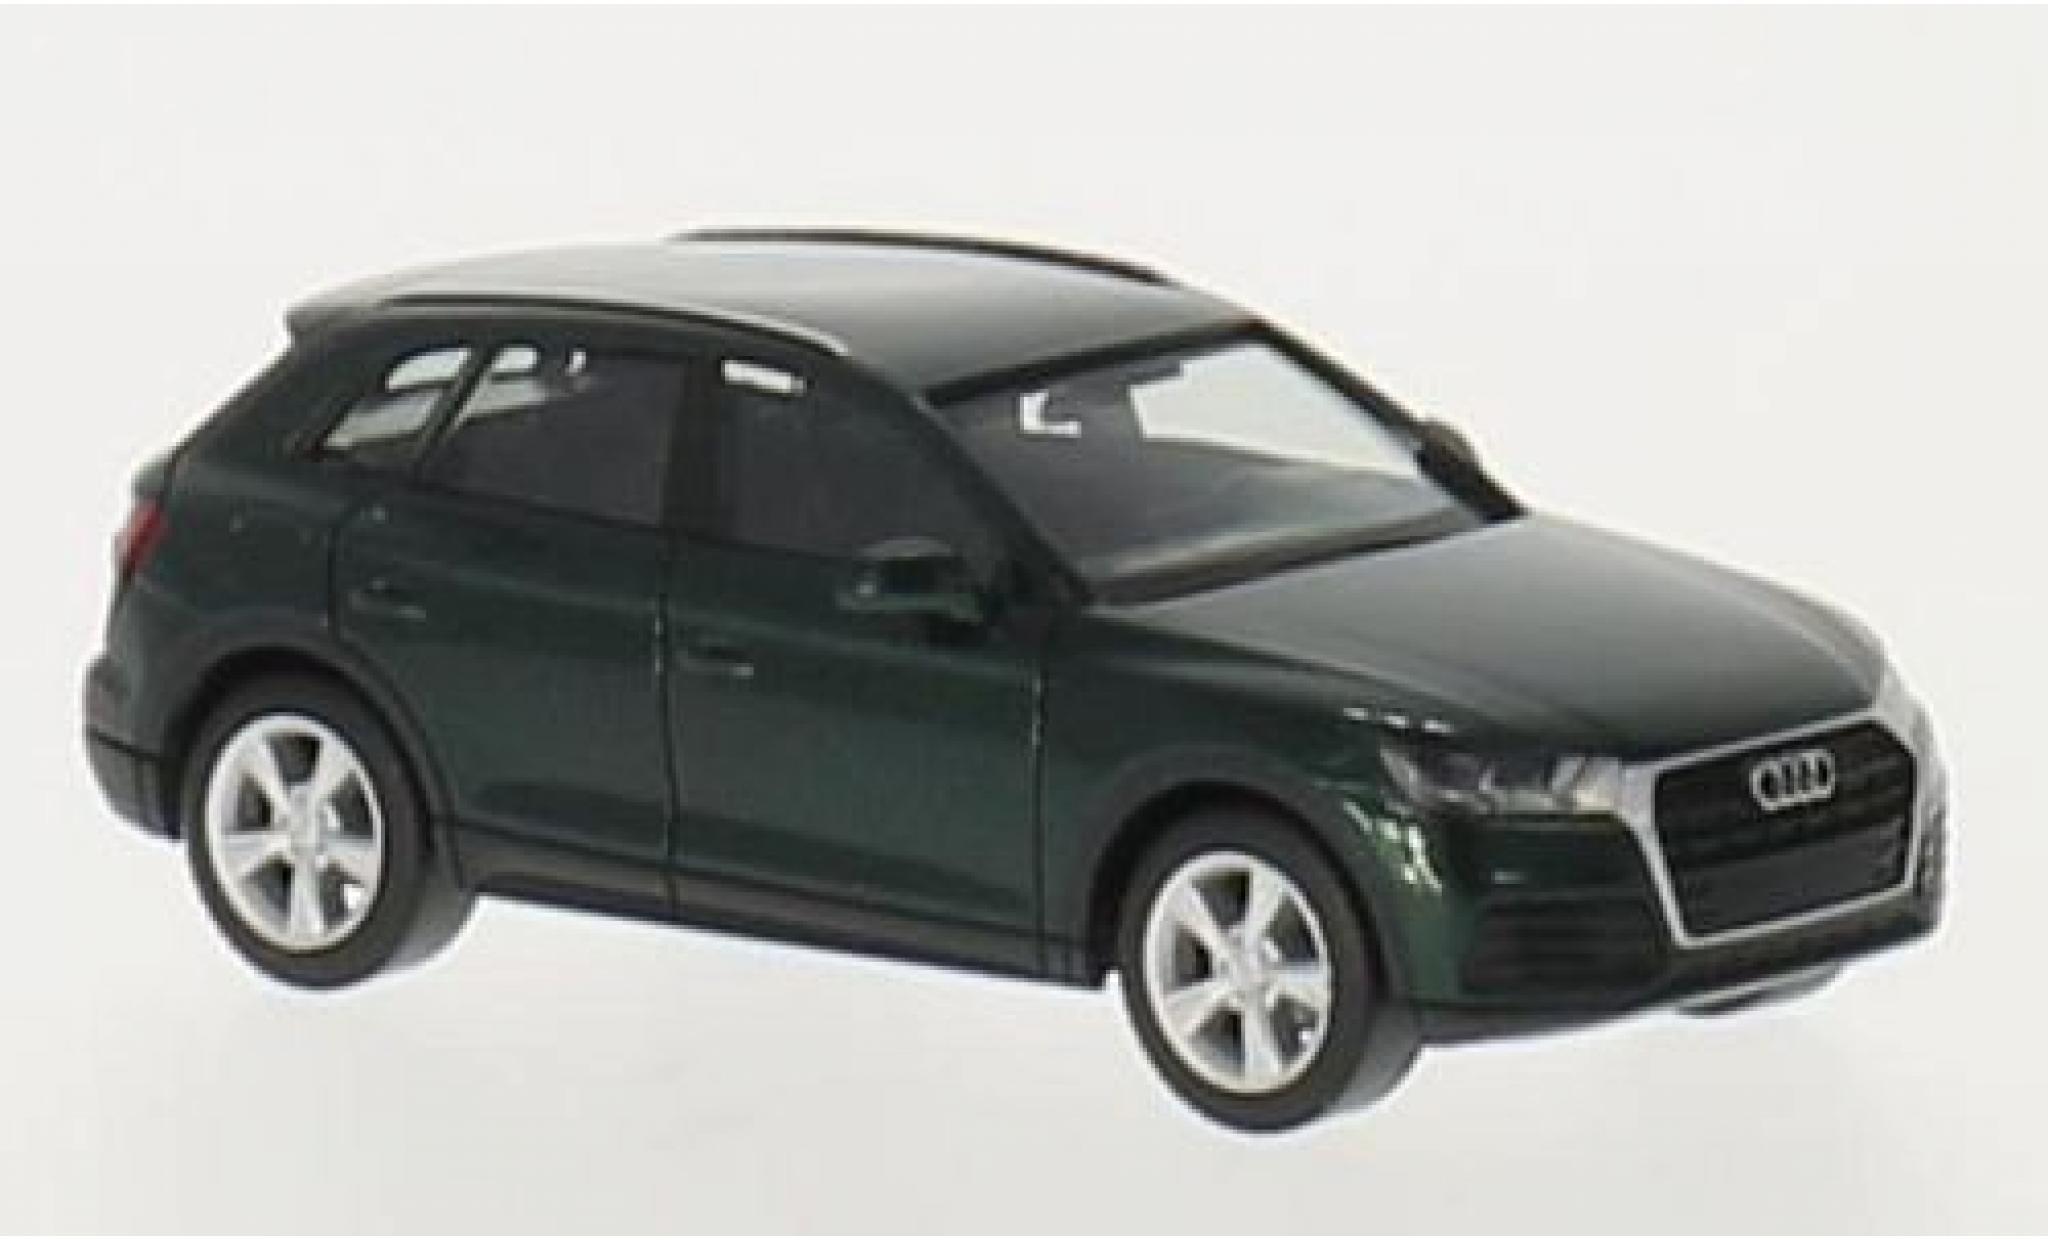 Audi Q5 1/87 I Herpa metallise green